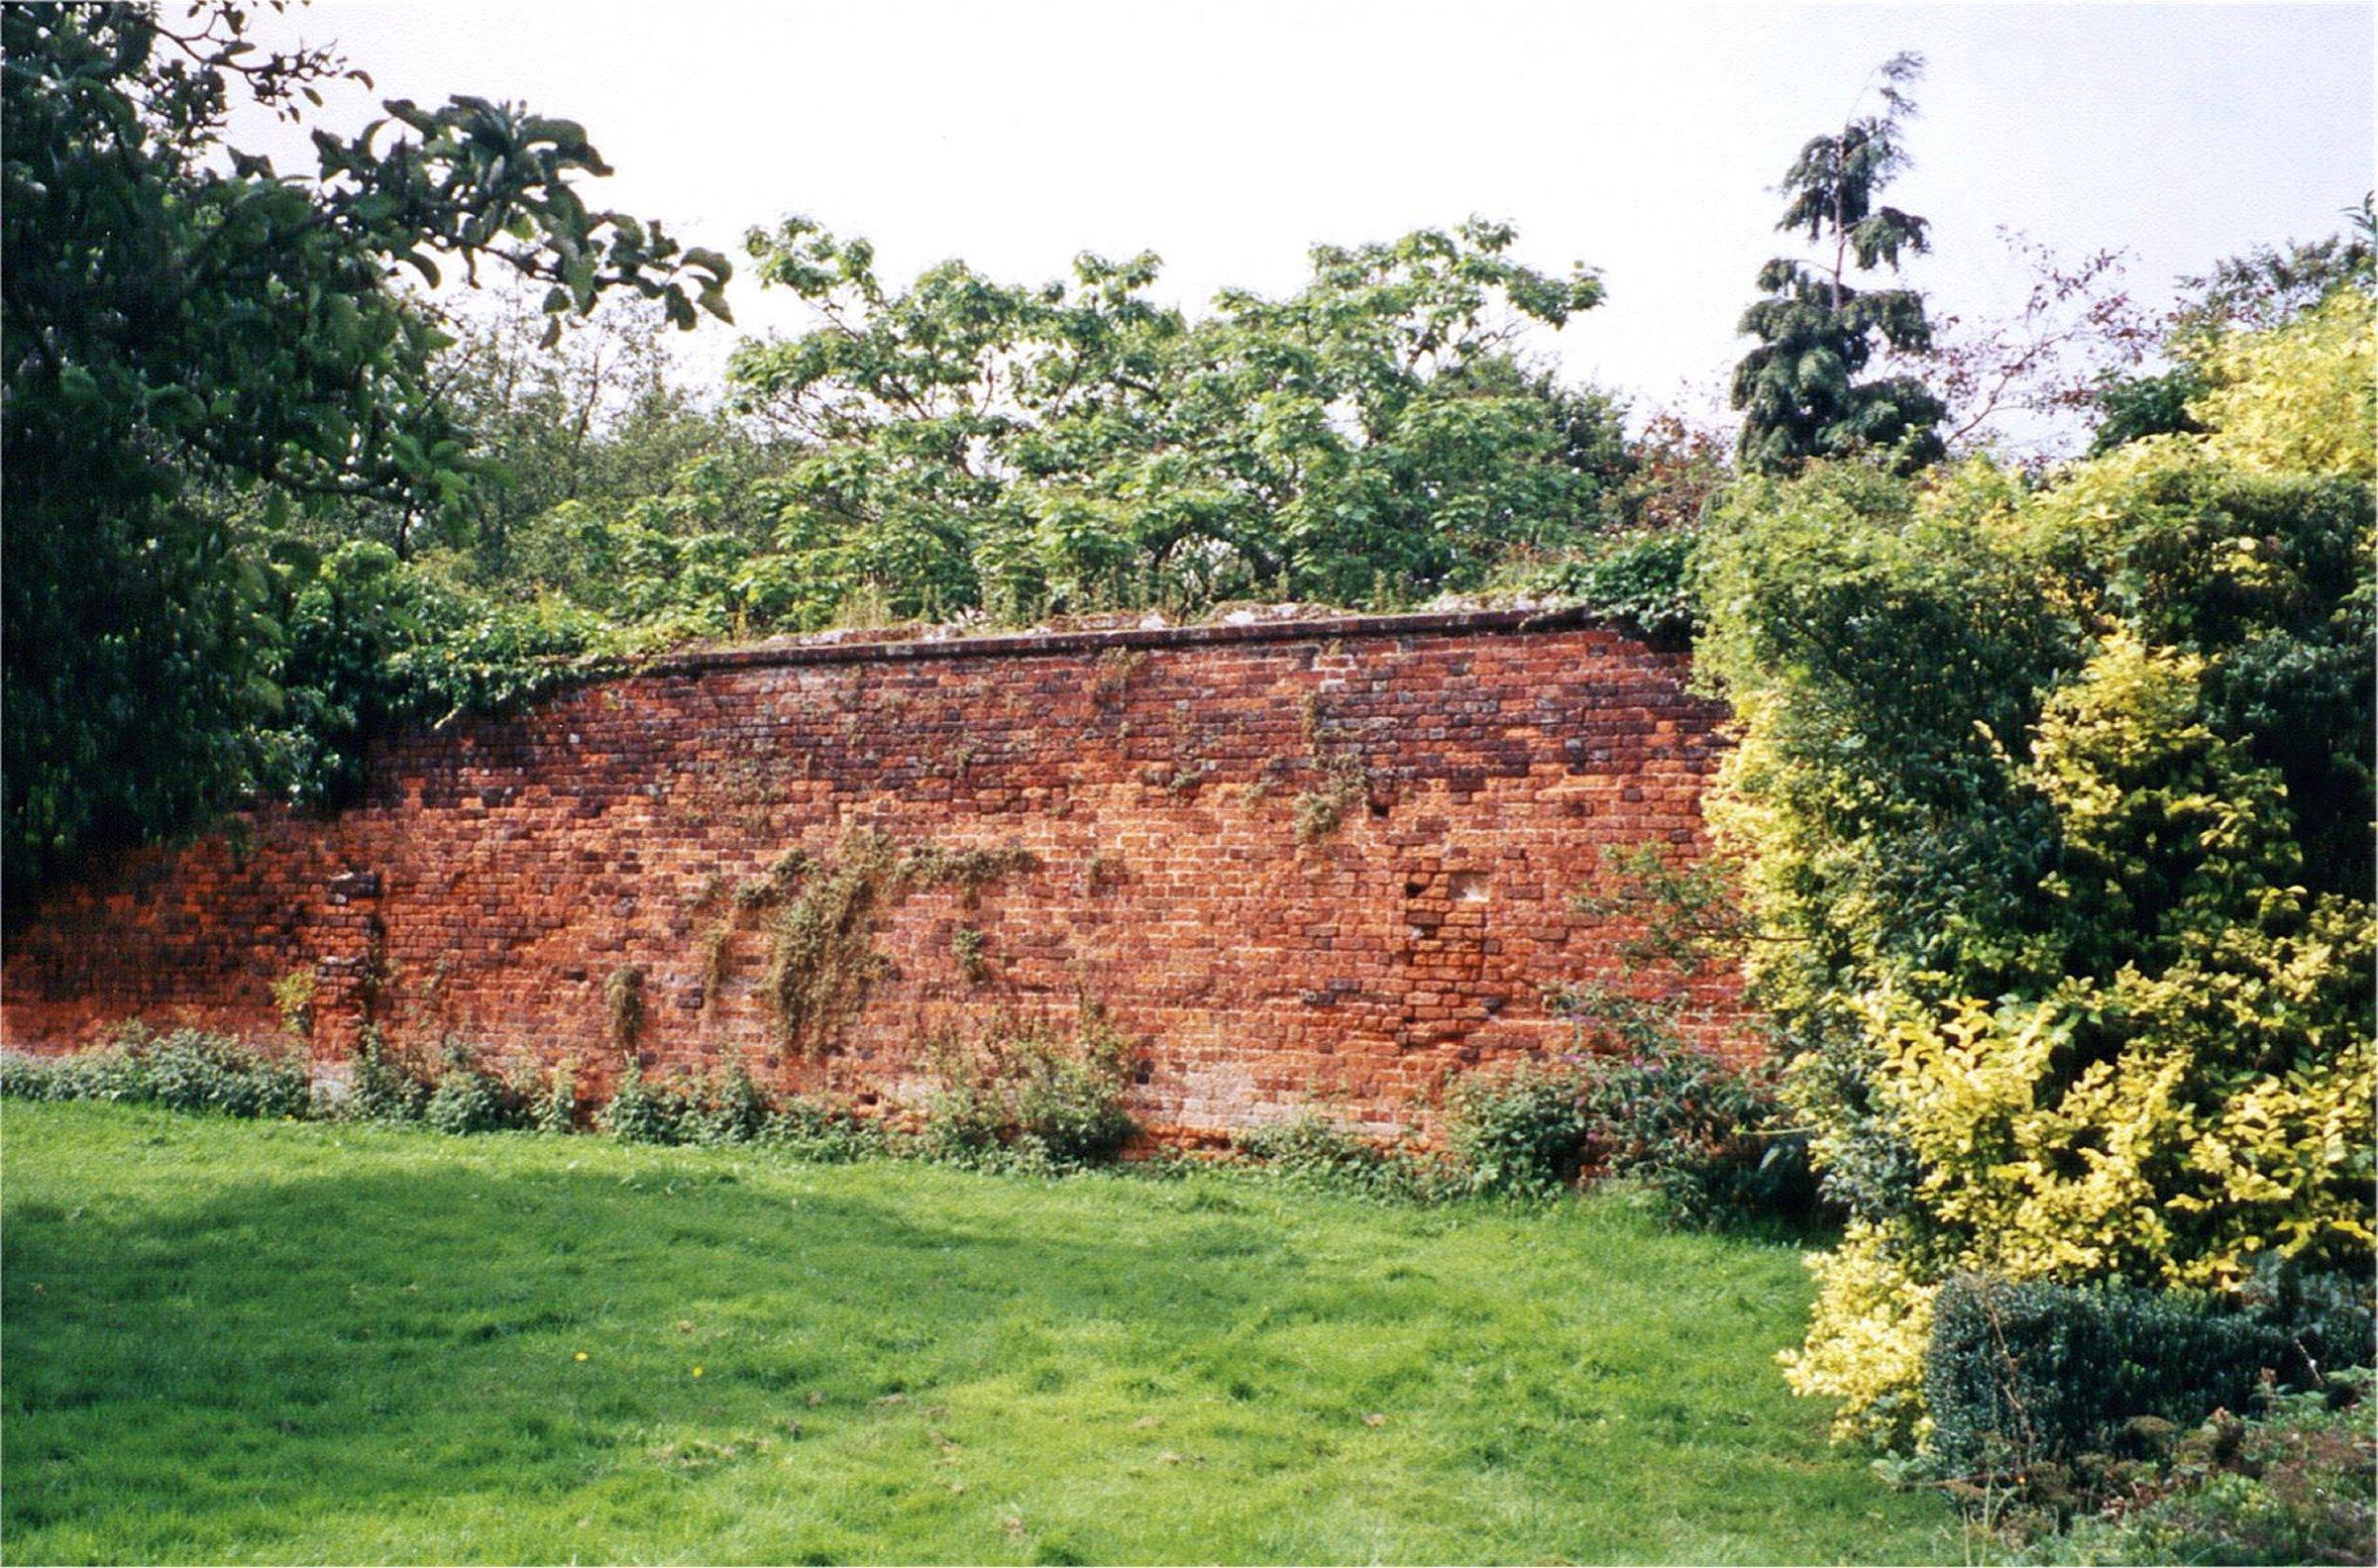 1866 Bedwell Park Essenden Hertfordshire The Pulham